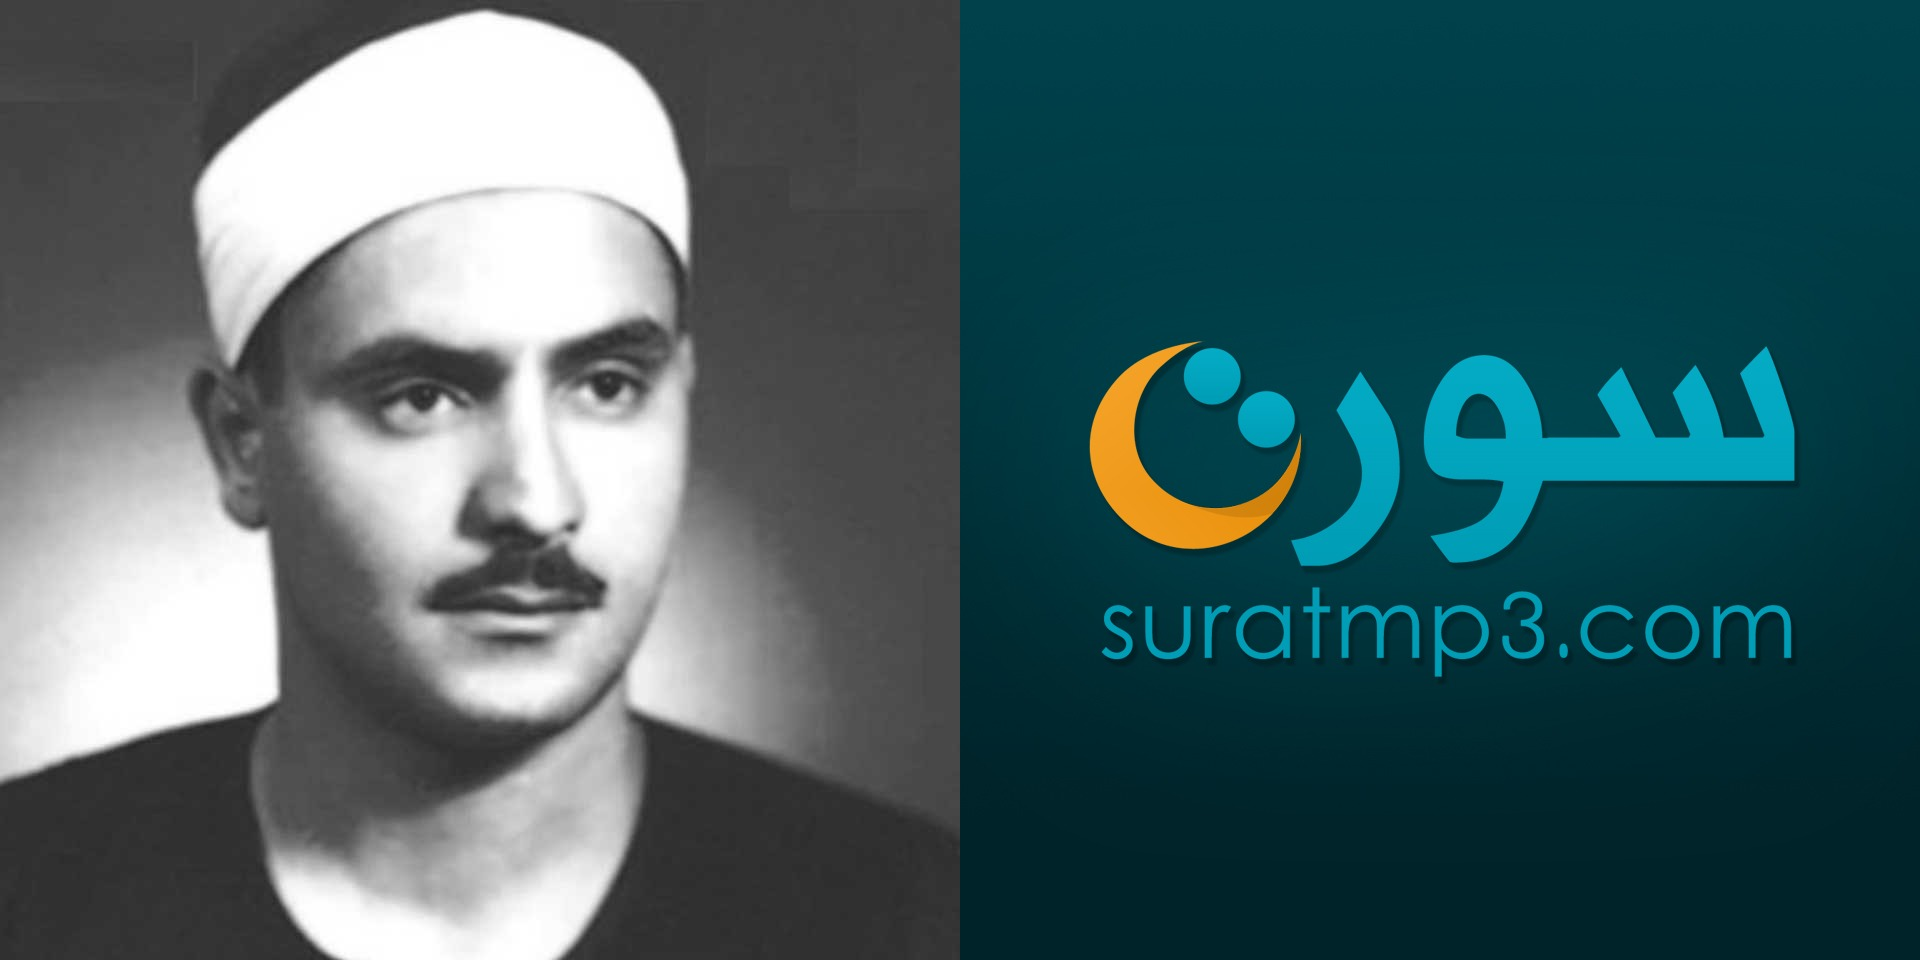 الشيخ محمد صديق المنشاوي معلم تحميل و استماع حفص عن عاصم - القرآن الكريم Mp3